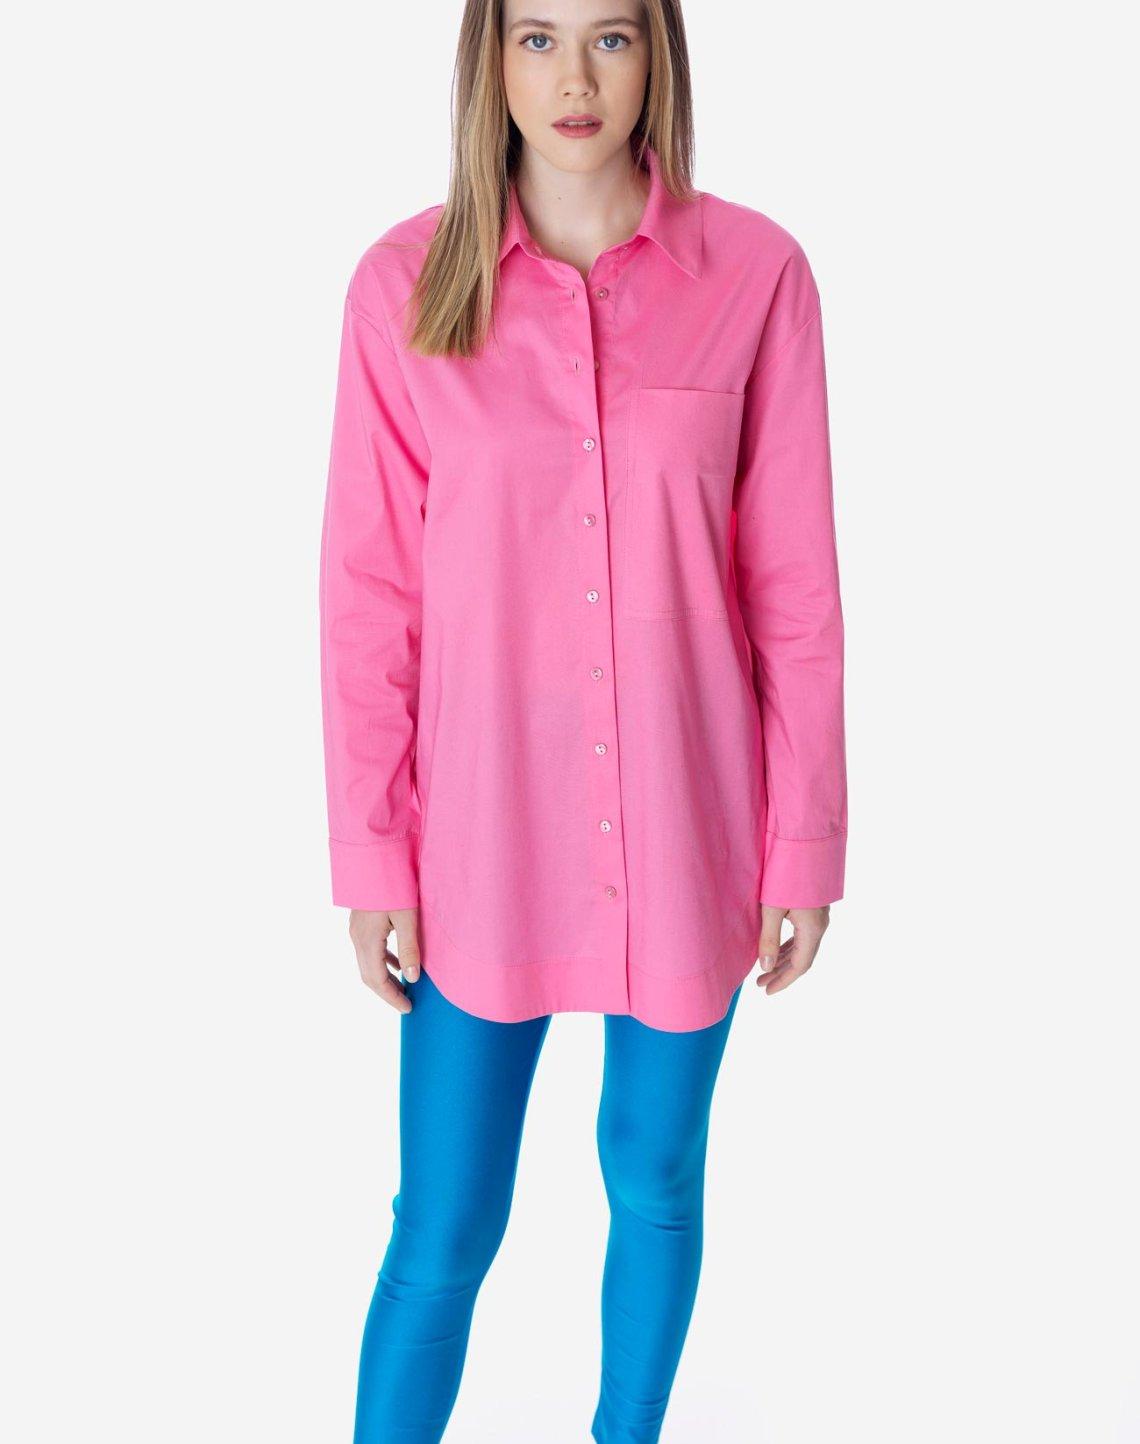 Oversized shirt with pocket